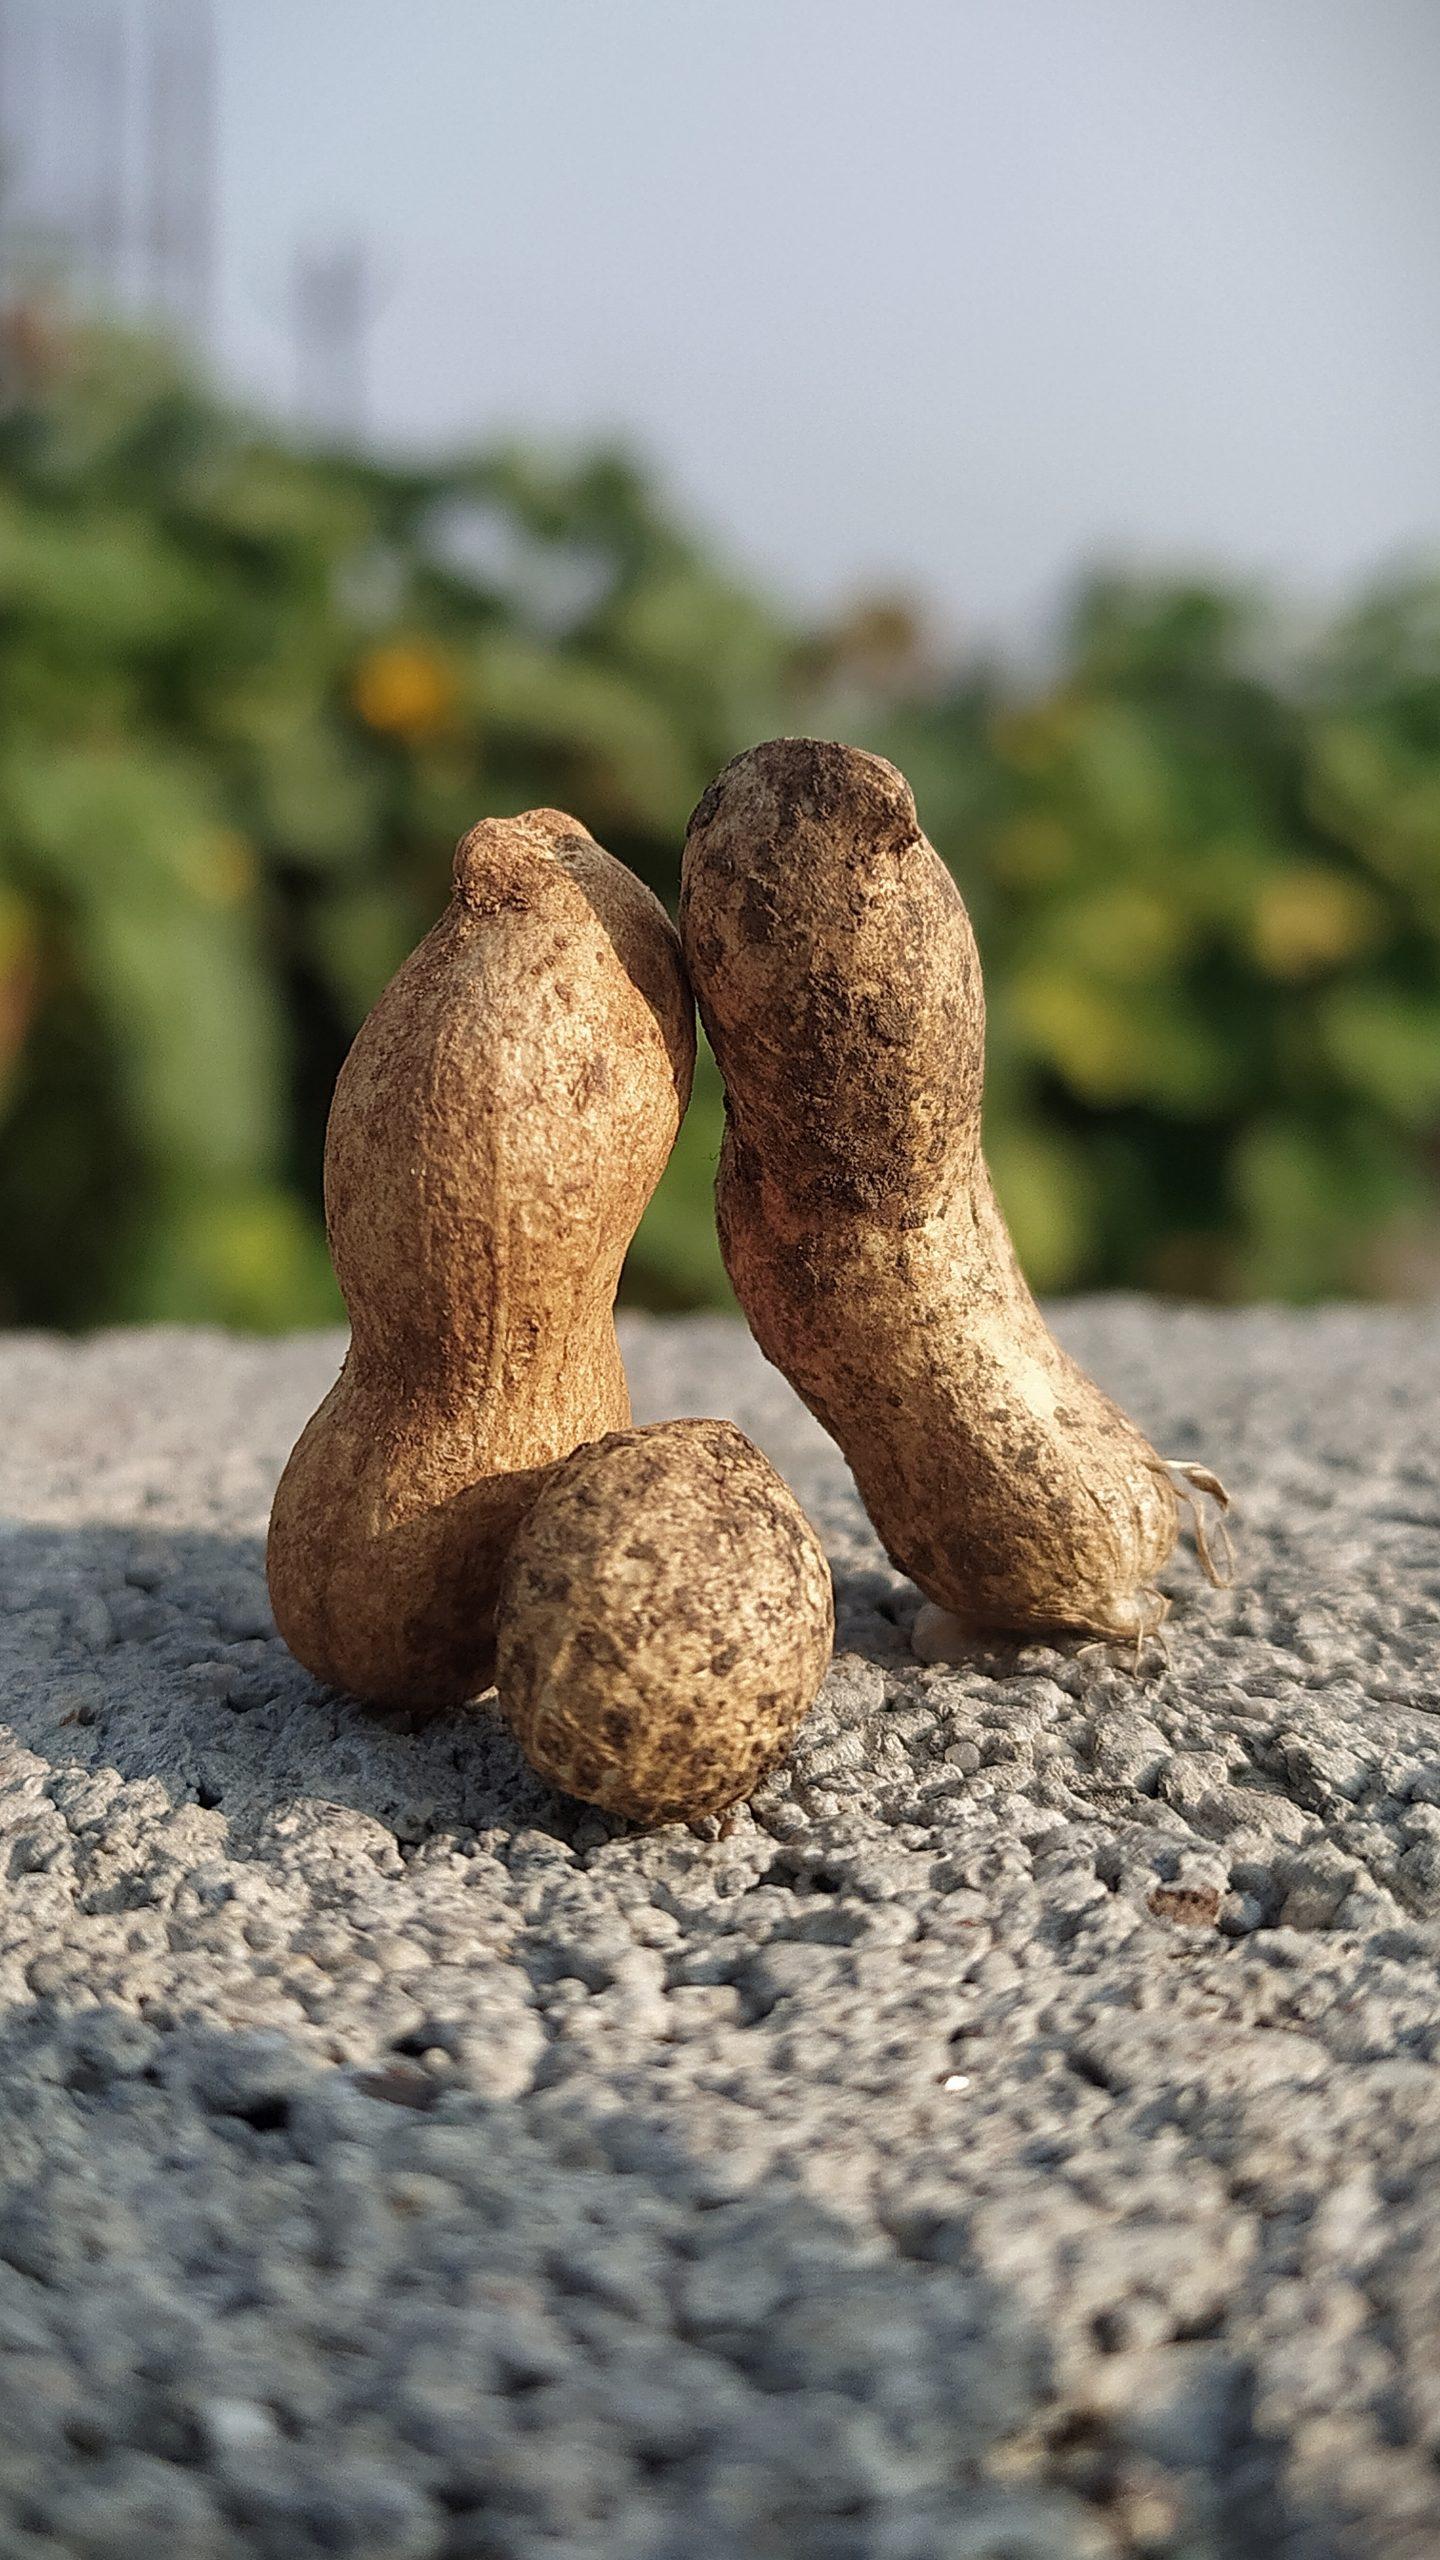 Peanuts legume